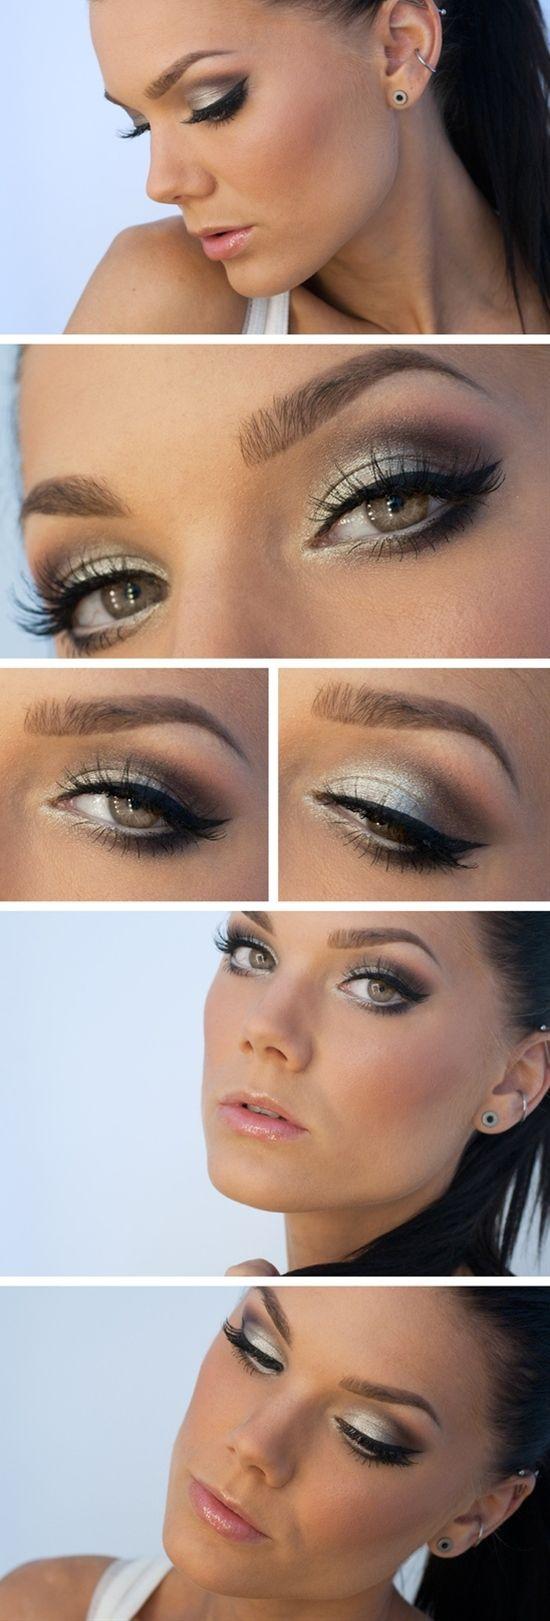 Linda Hallberg - makeup artist -